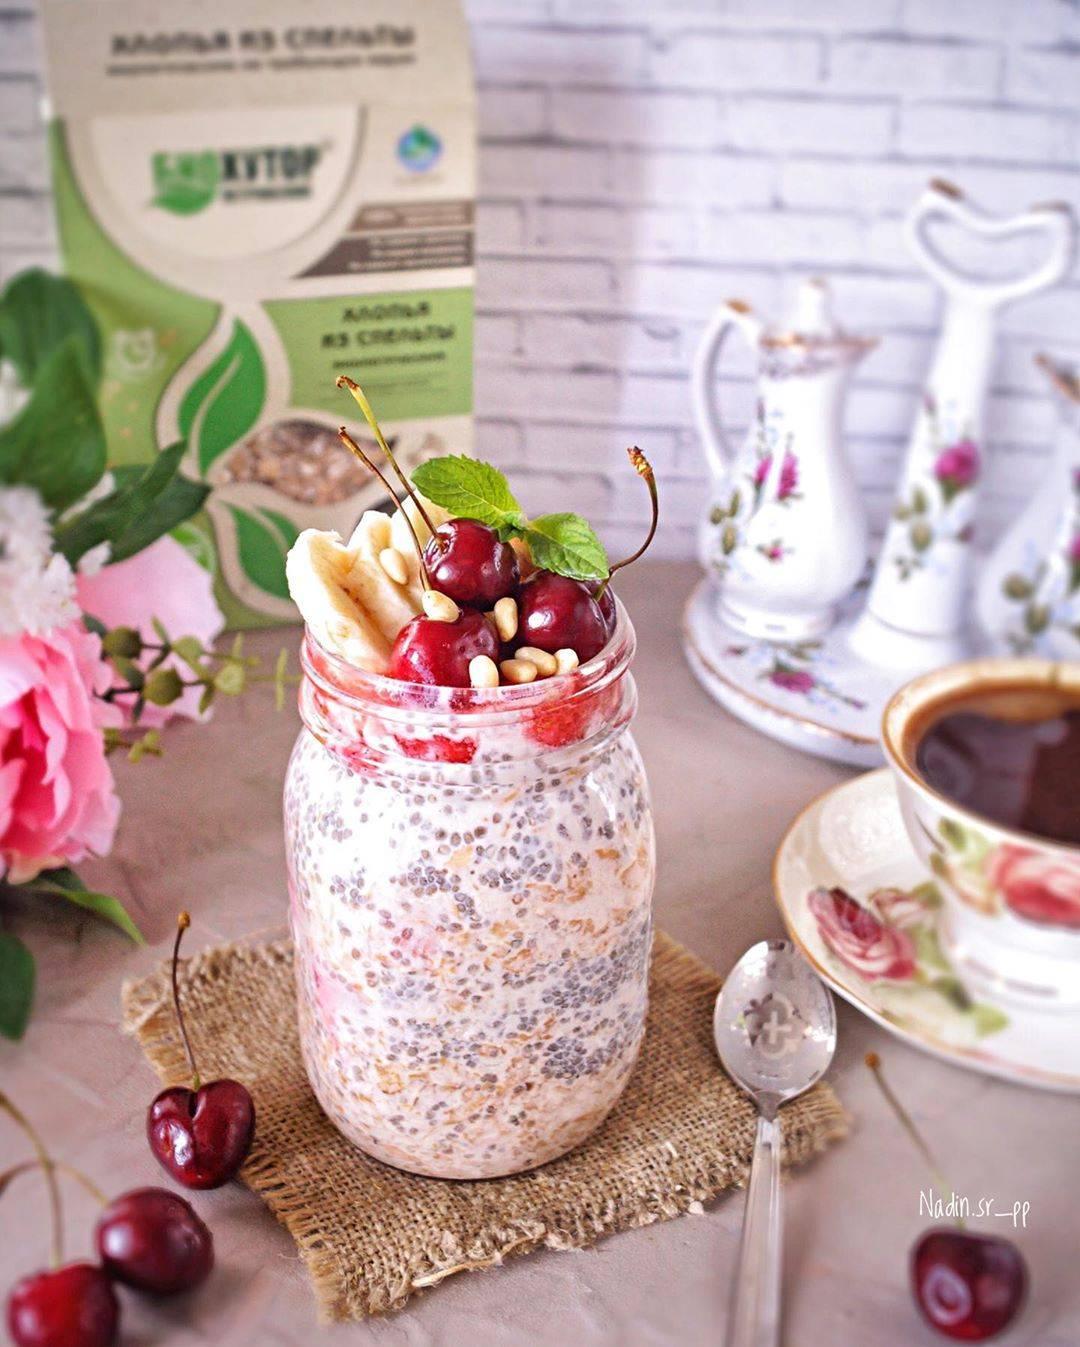 Овсянка и семена чиа: отличный завтрак для бодрого дня!